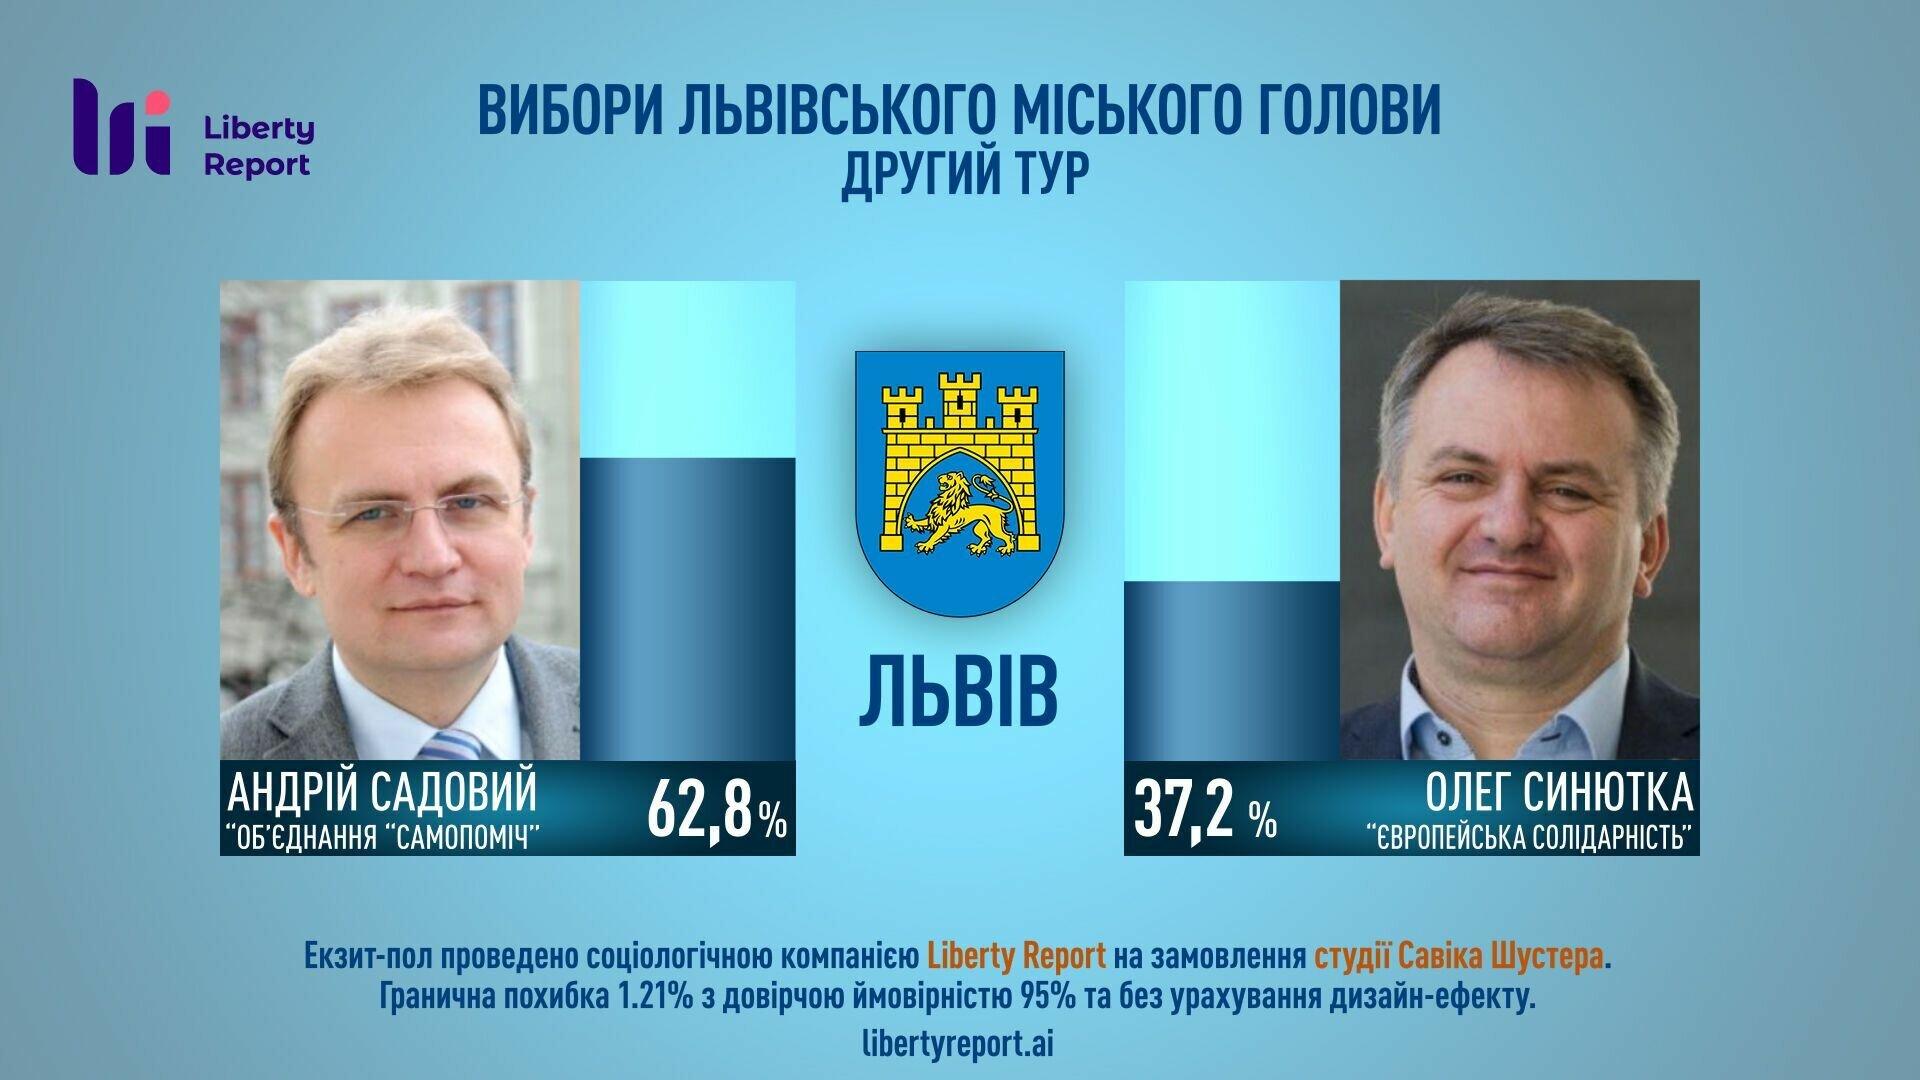 Предварительные данные по выборам во Львове